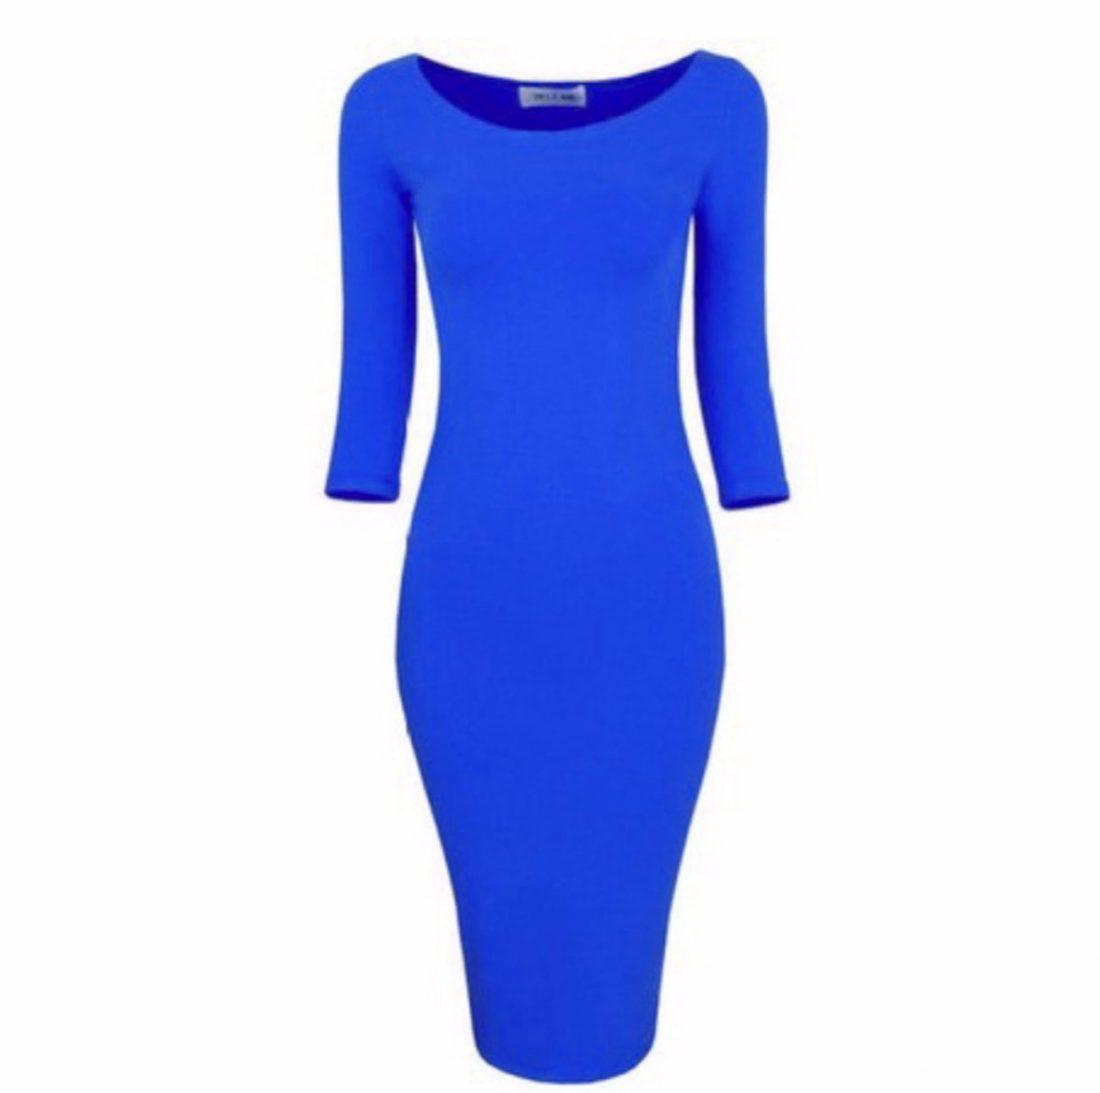 M0172 blue1 Bodycon Dresses maureens.com boutique